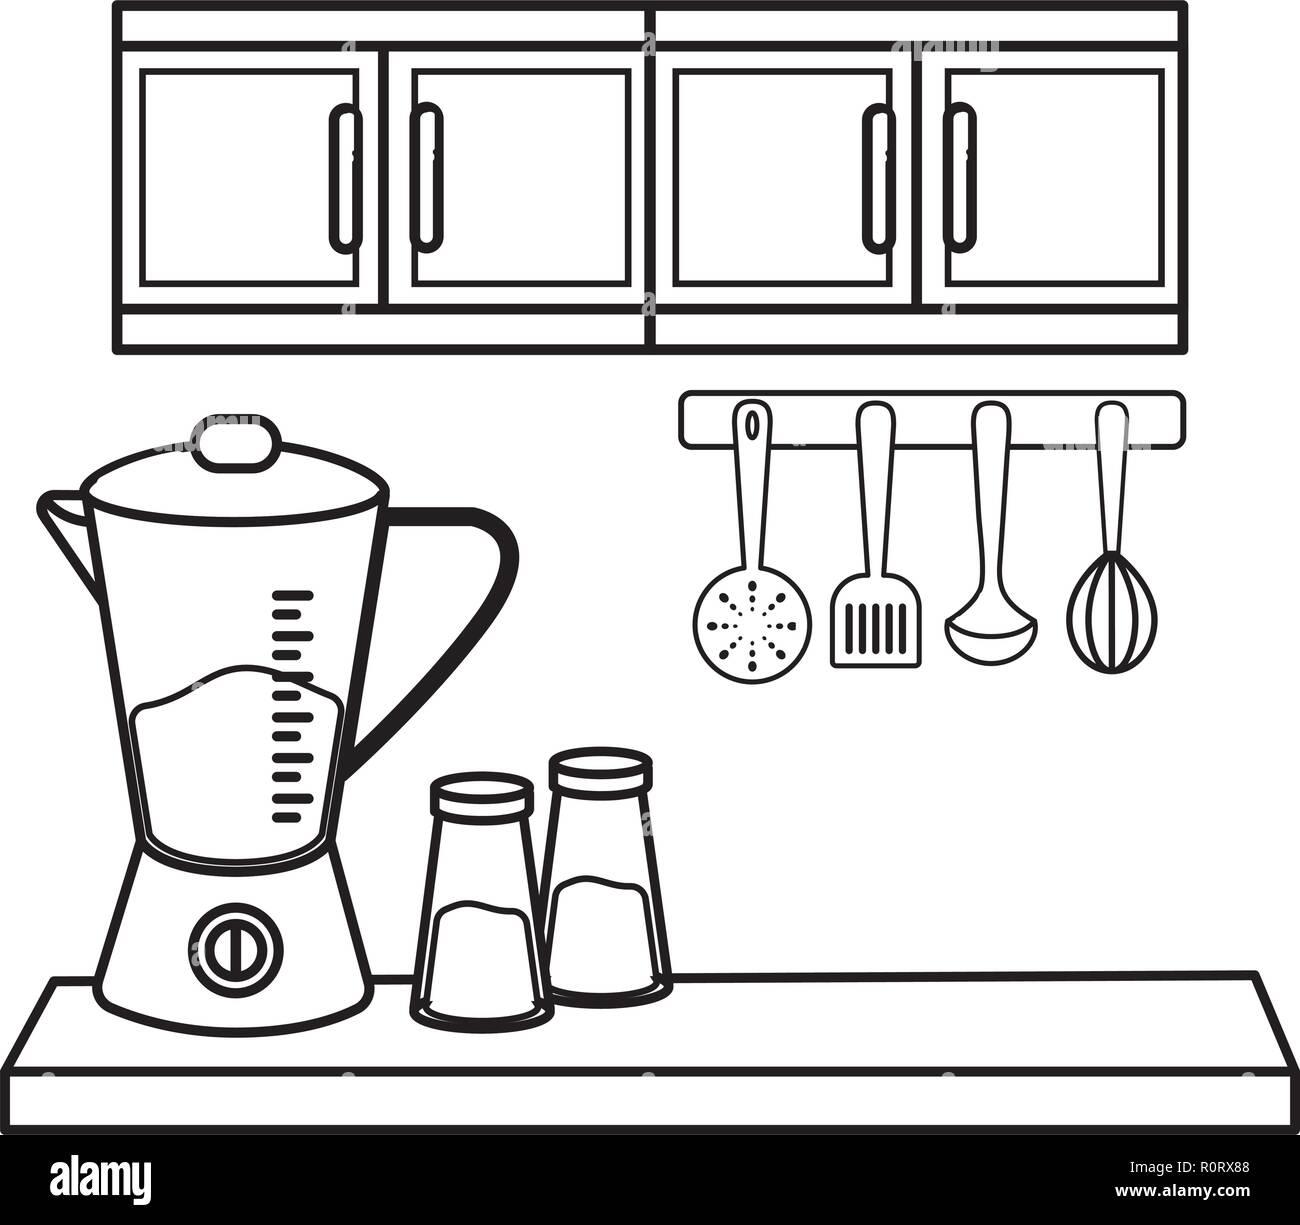 Cute Dibujos Animados Utensilios De Cocina En Blanco Y Negro